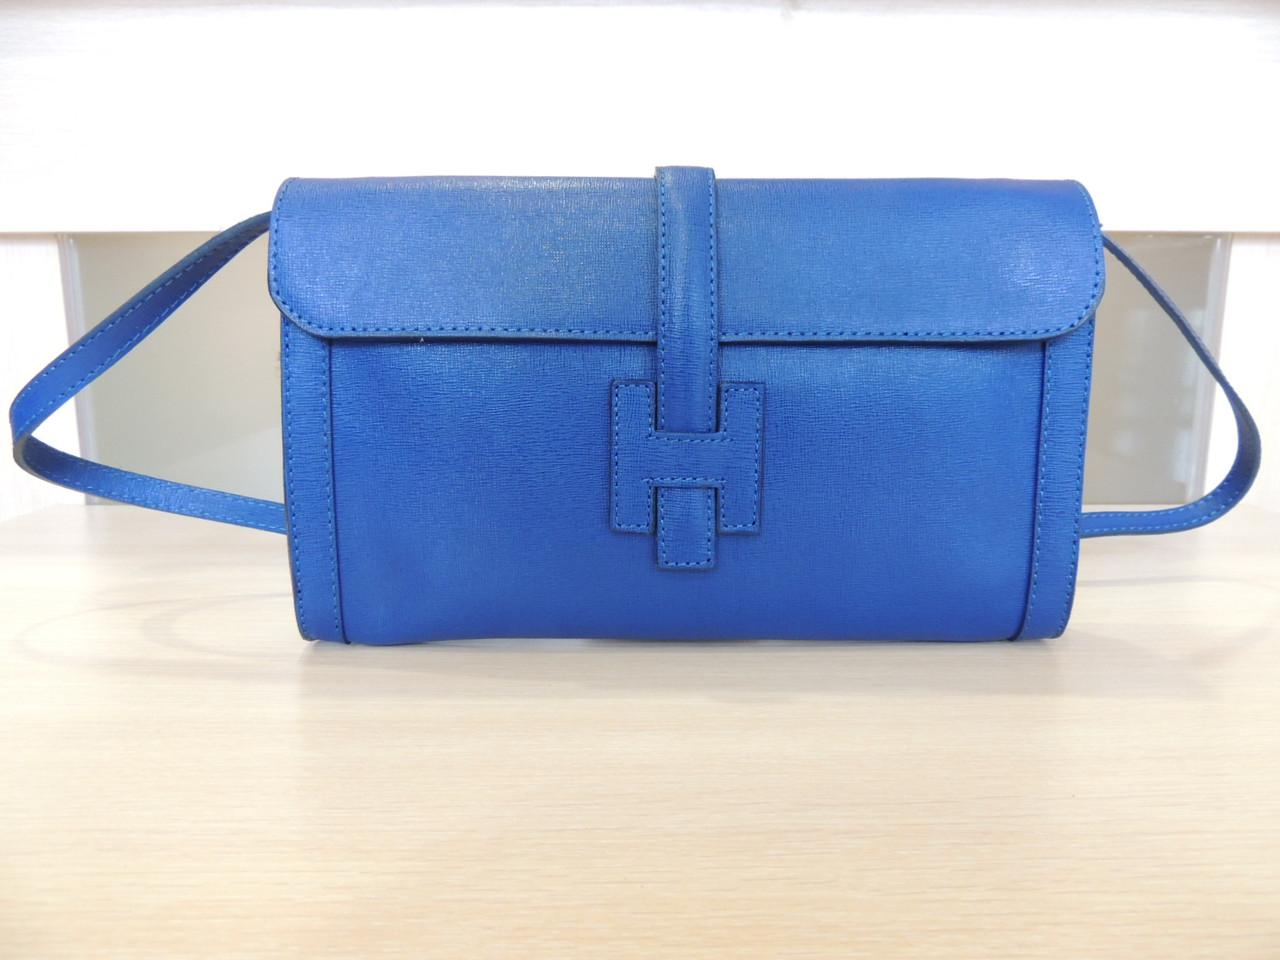 Белая, серая, коричневая, бирюзовая, синяя сумочка - клатч женская кожаная, итальянская. Синий